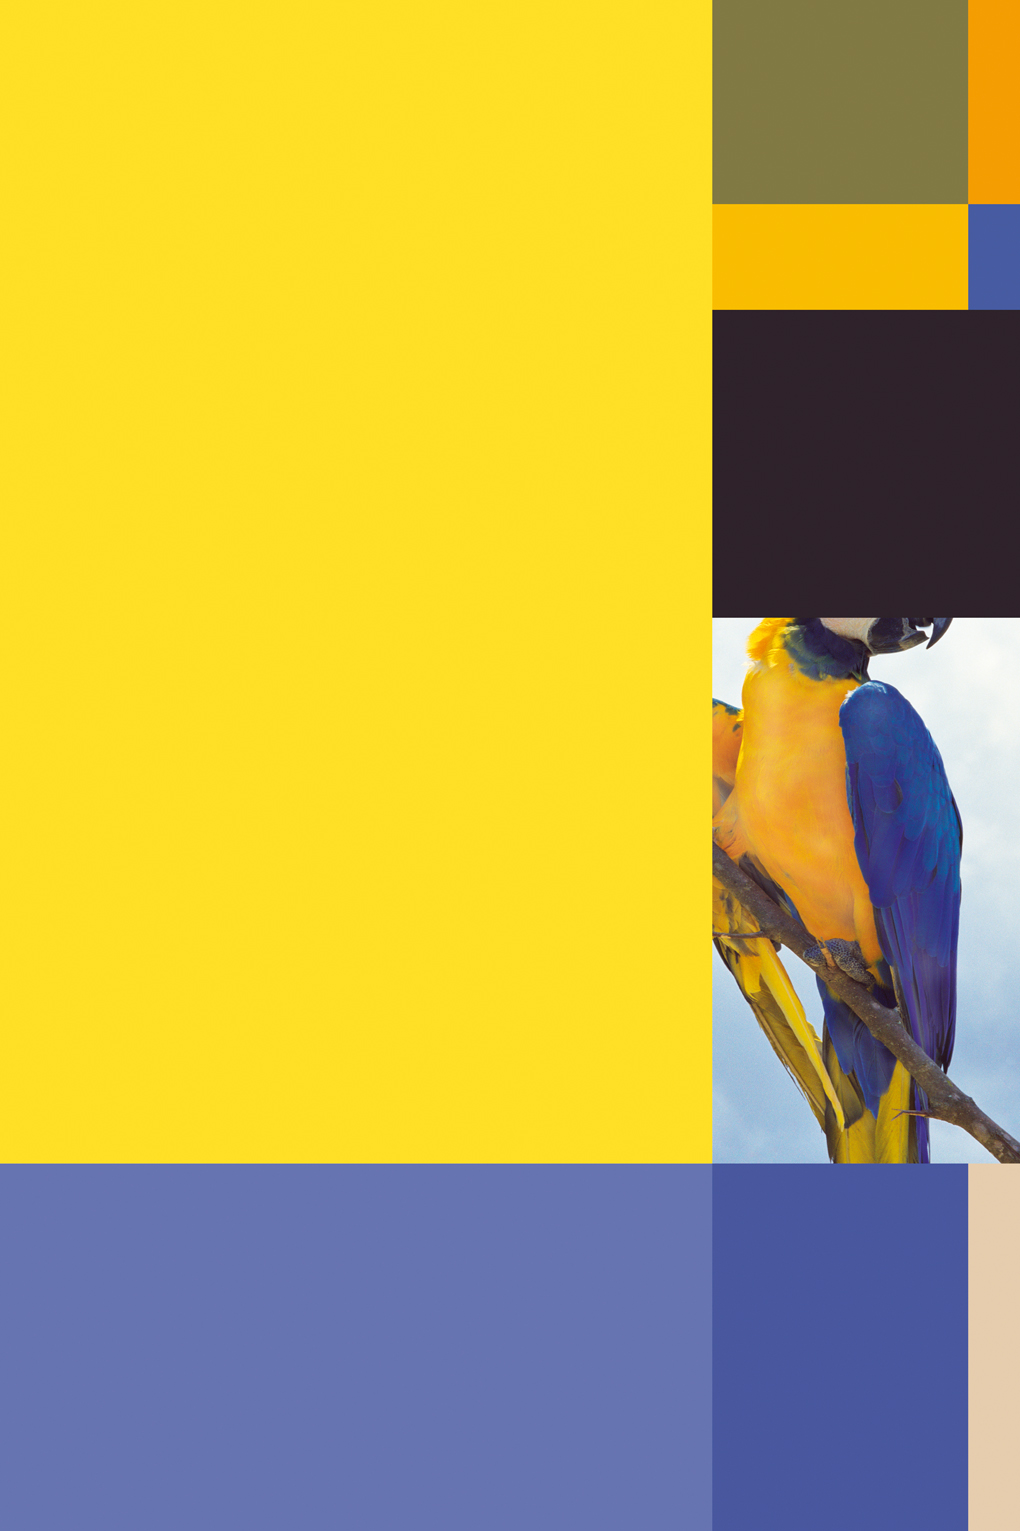 Sergio Vega, Parrot Color Chart #3, 2008 Courtesy: Galerie Karsten Greve, Paris